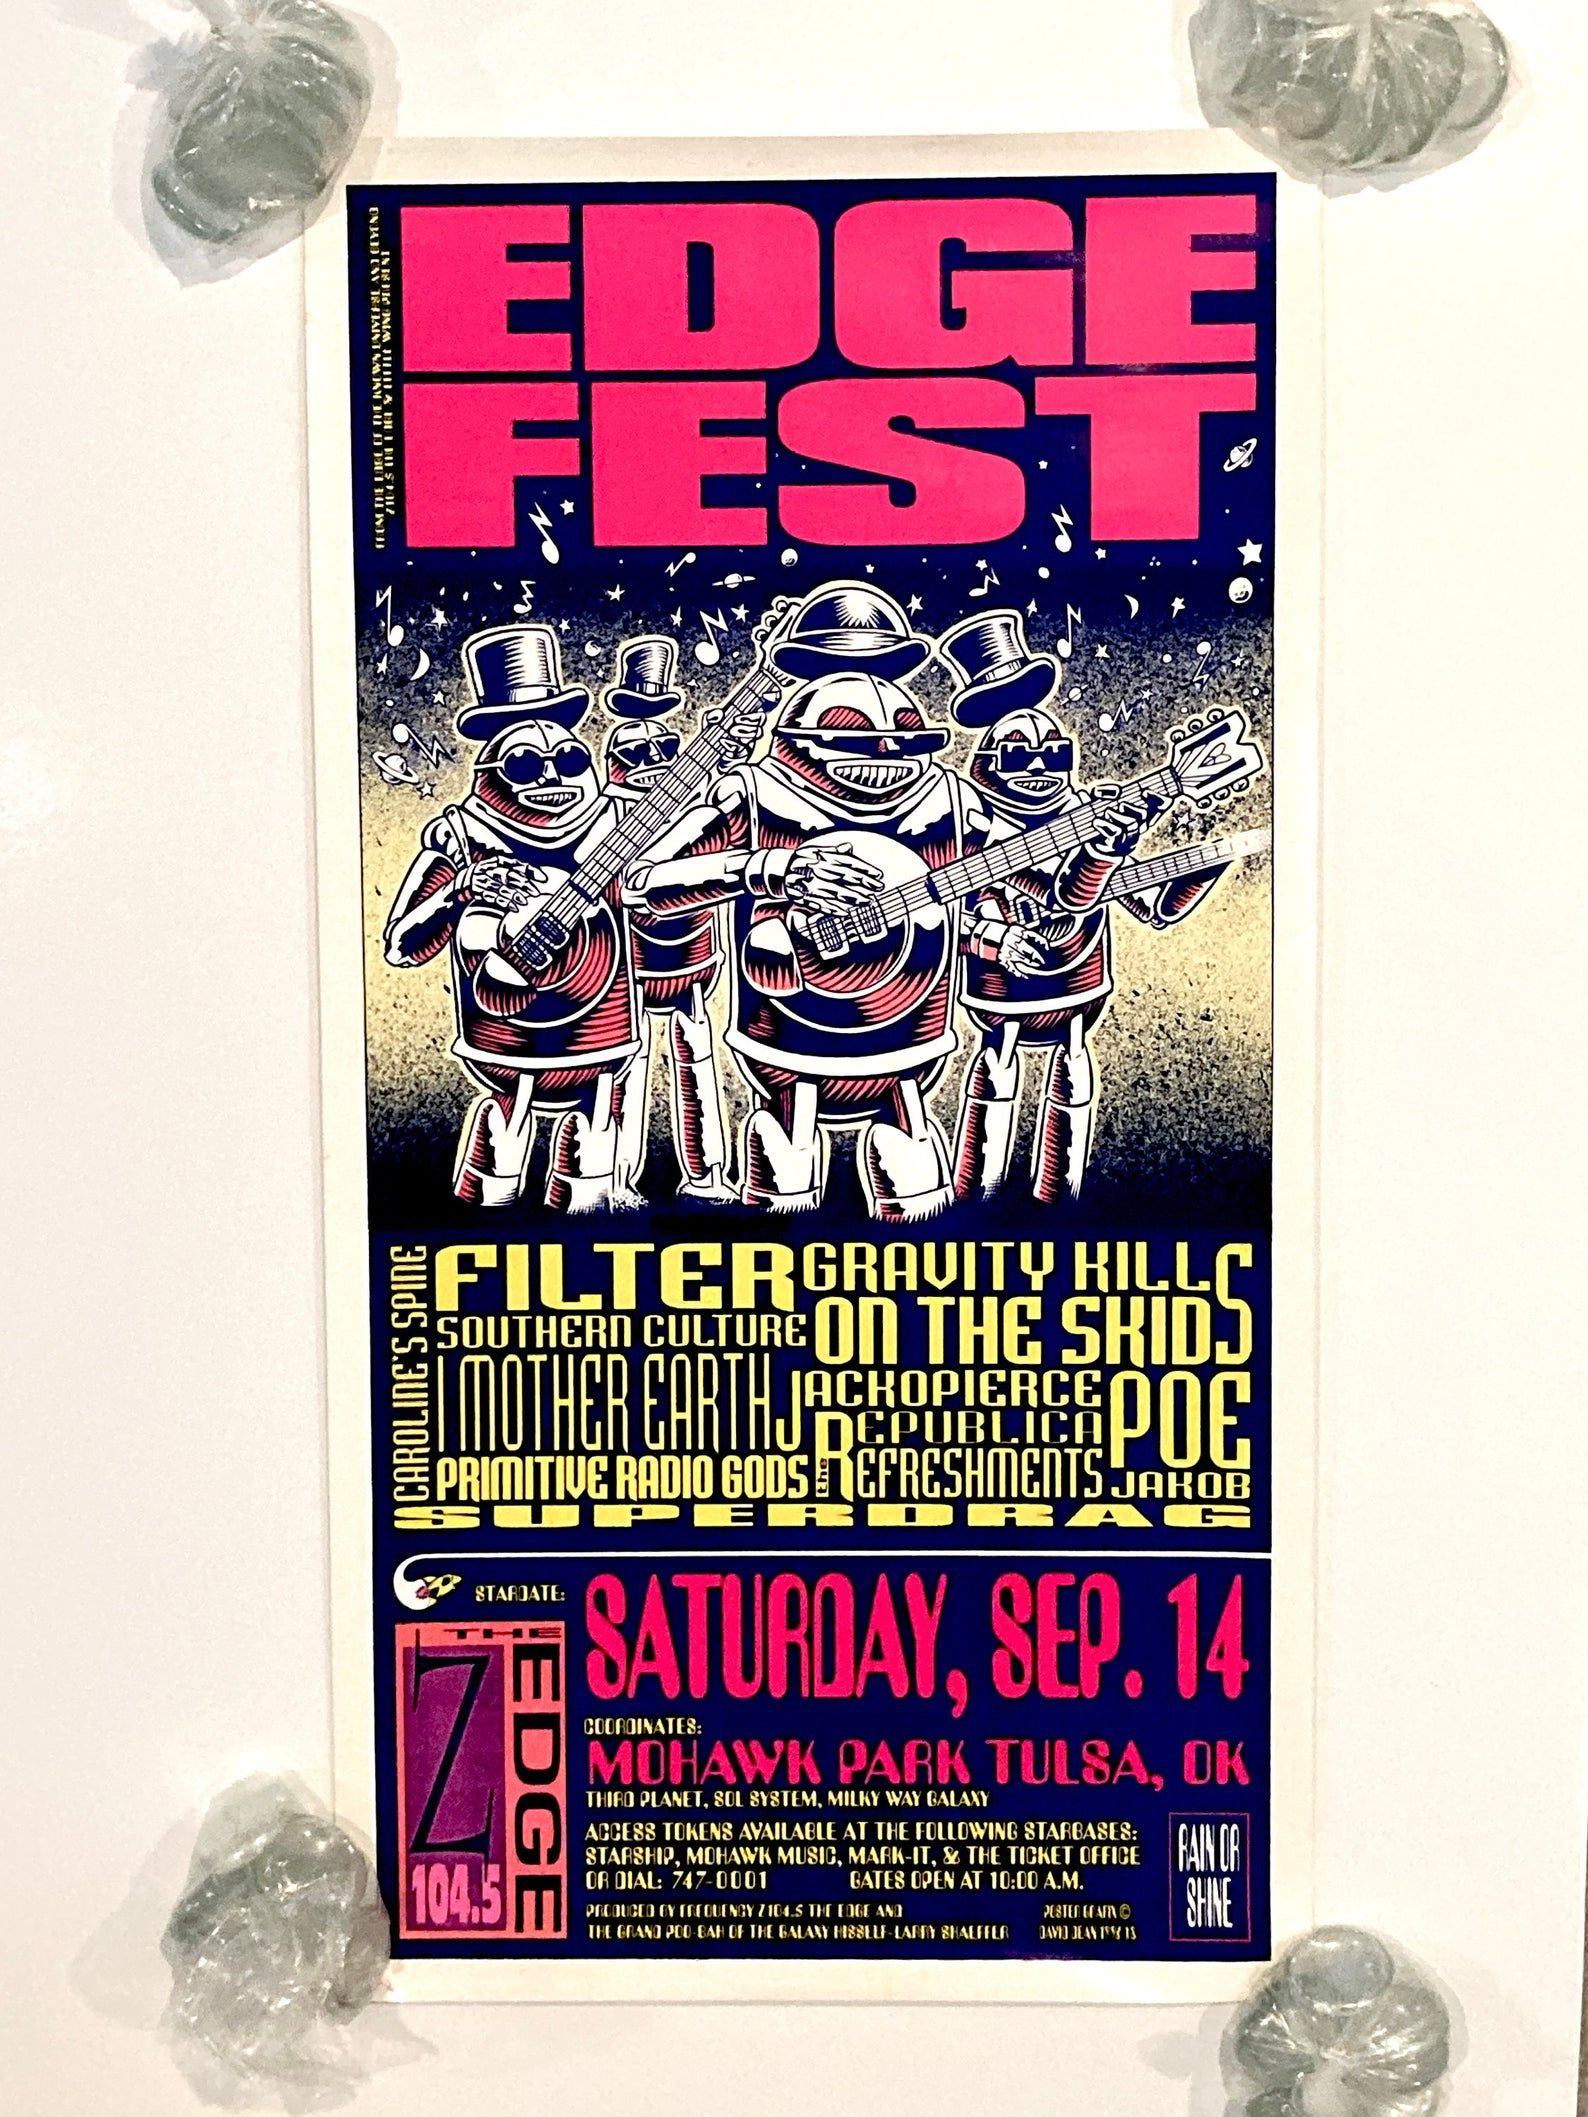 Edgefest Poster 1996 Vintage Concert Tour Filter / I